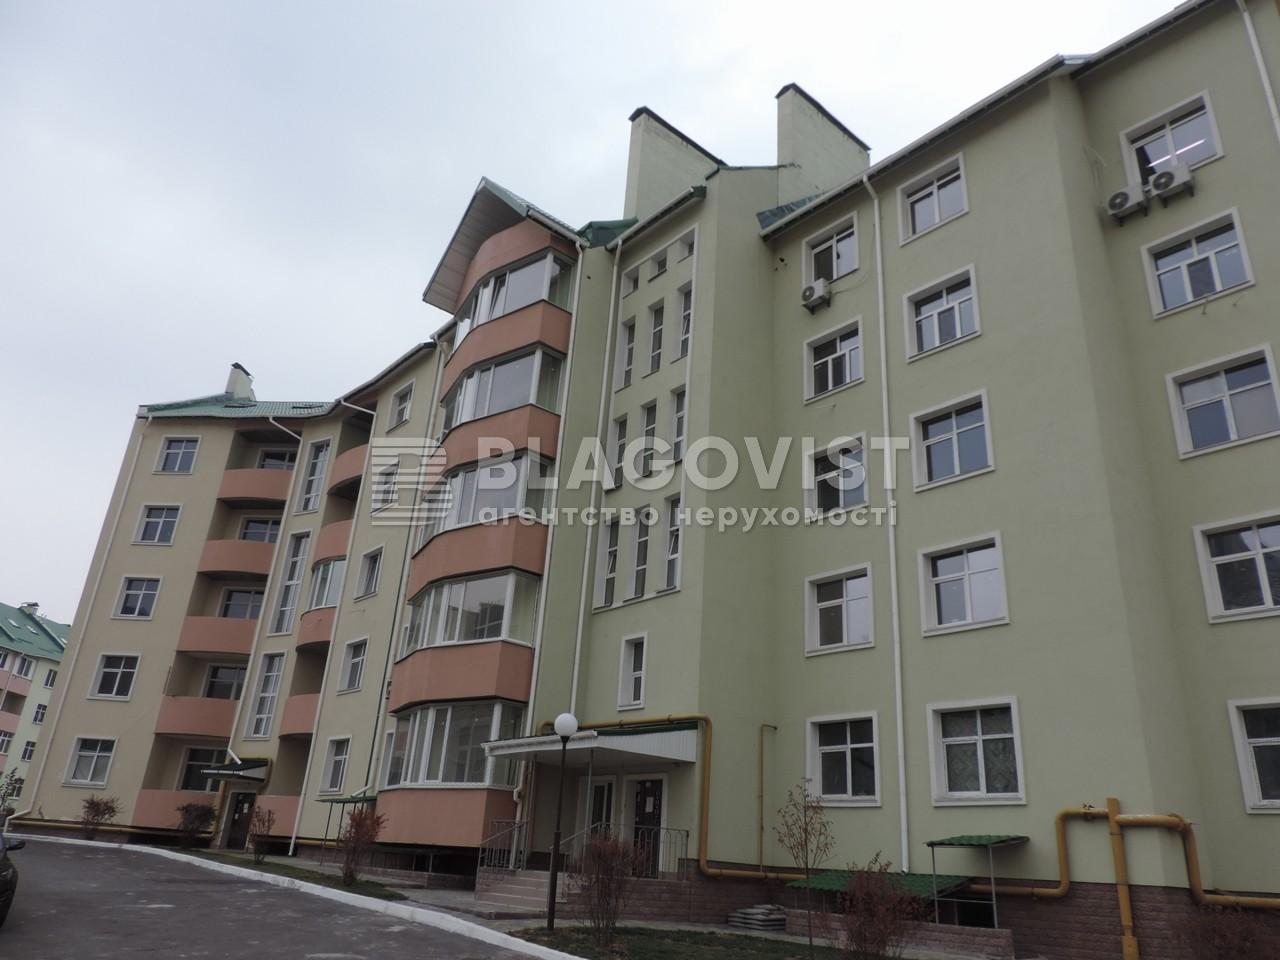 Квартира F-39441, Борщаговская, 30а, Петропавловская Борщаговка - Фото 3